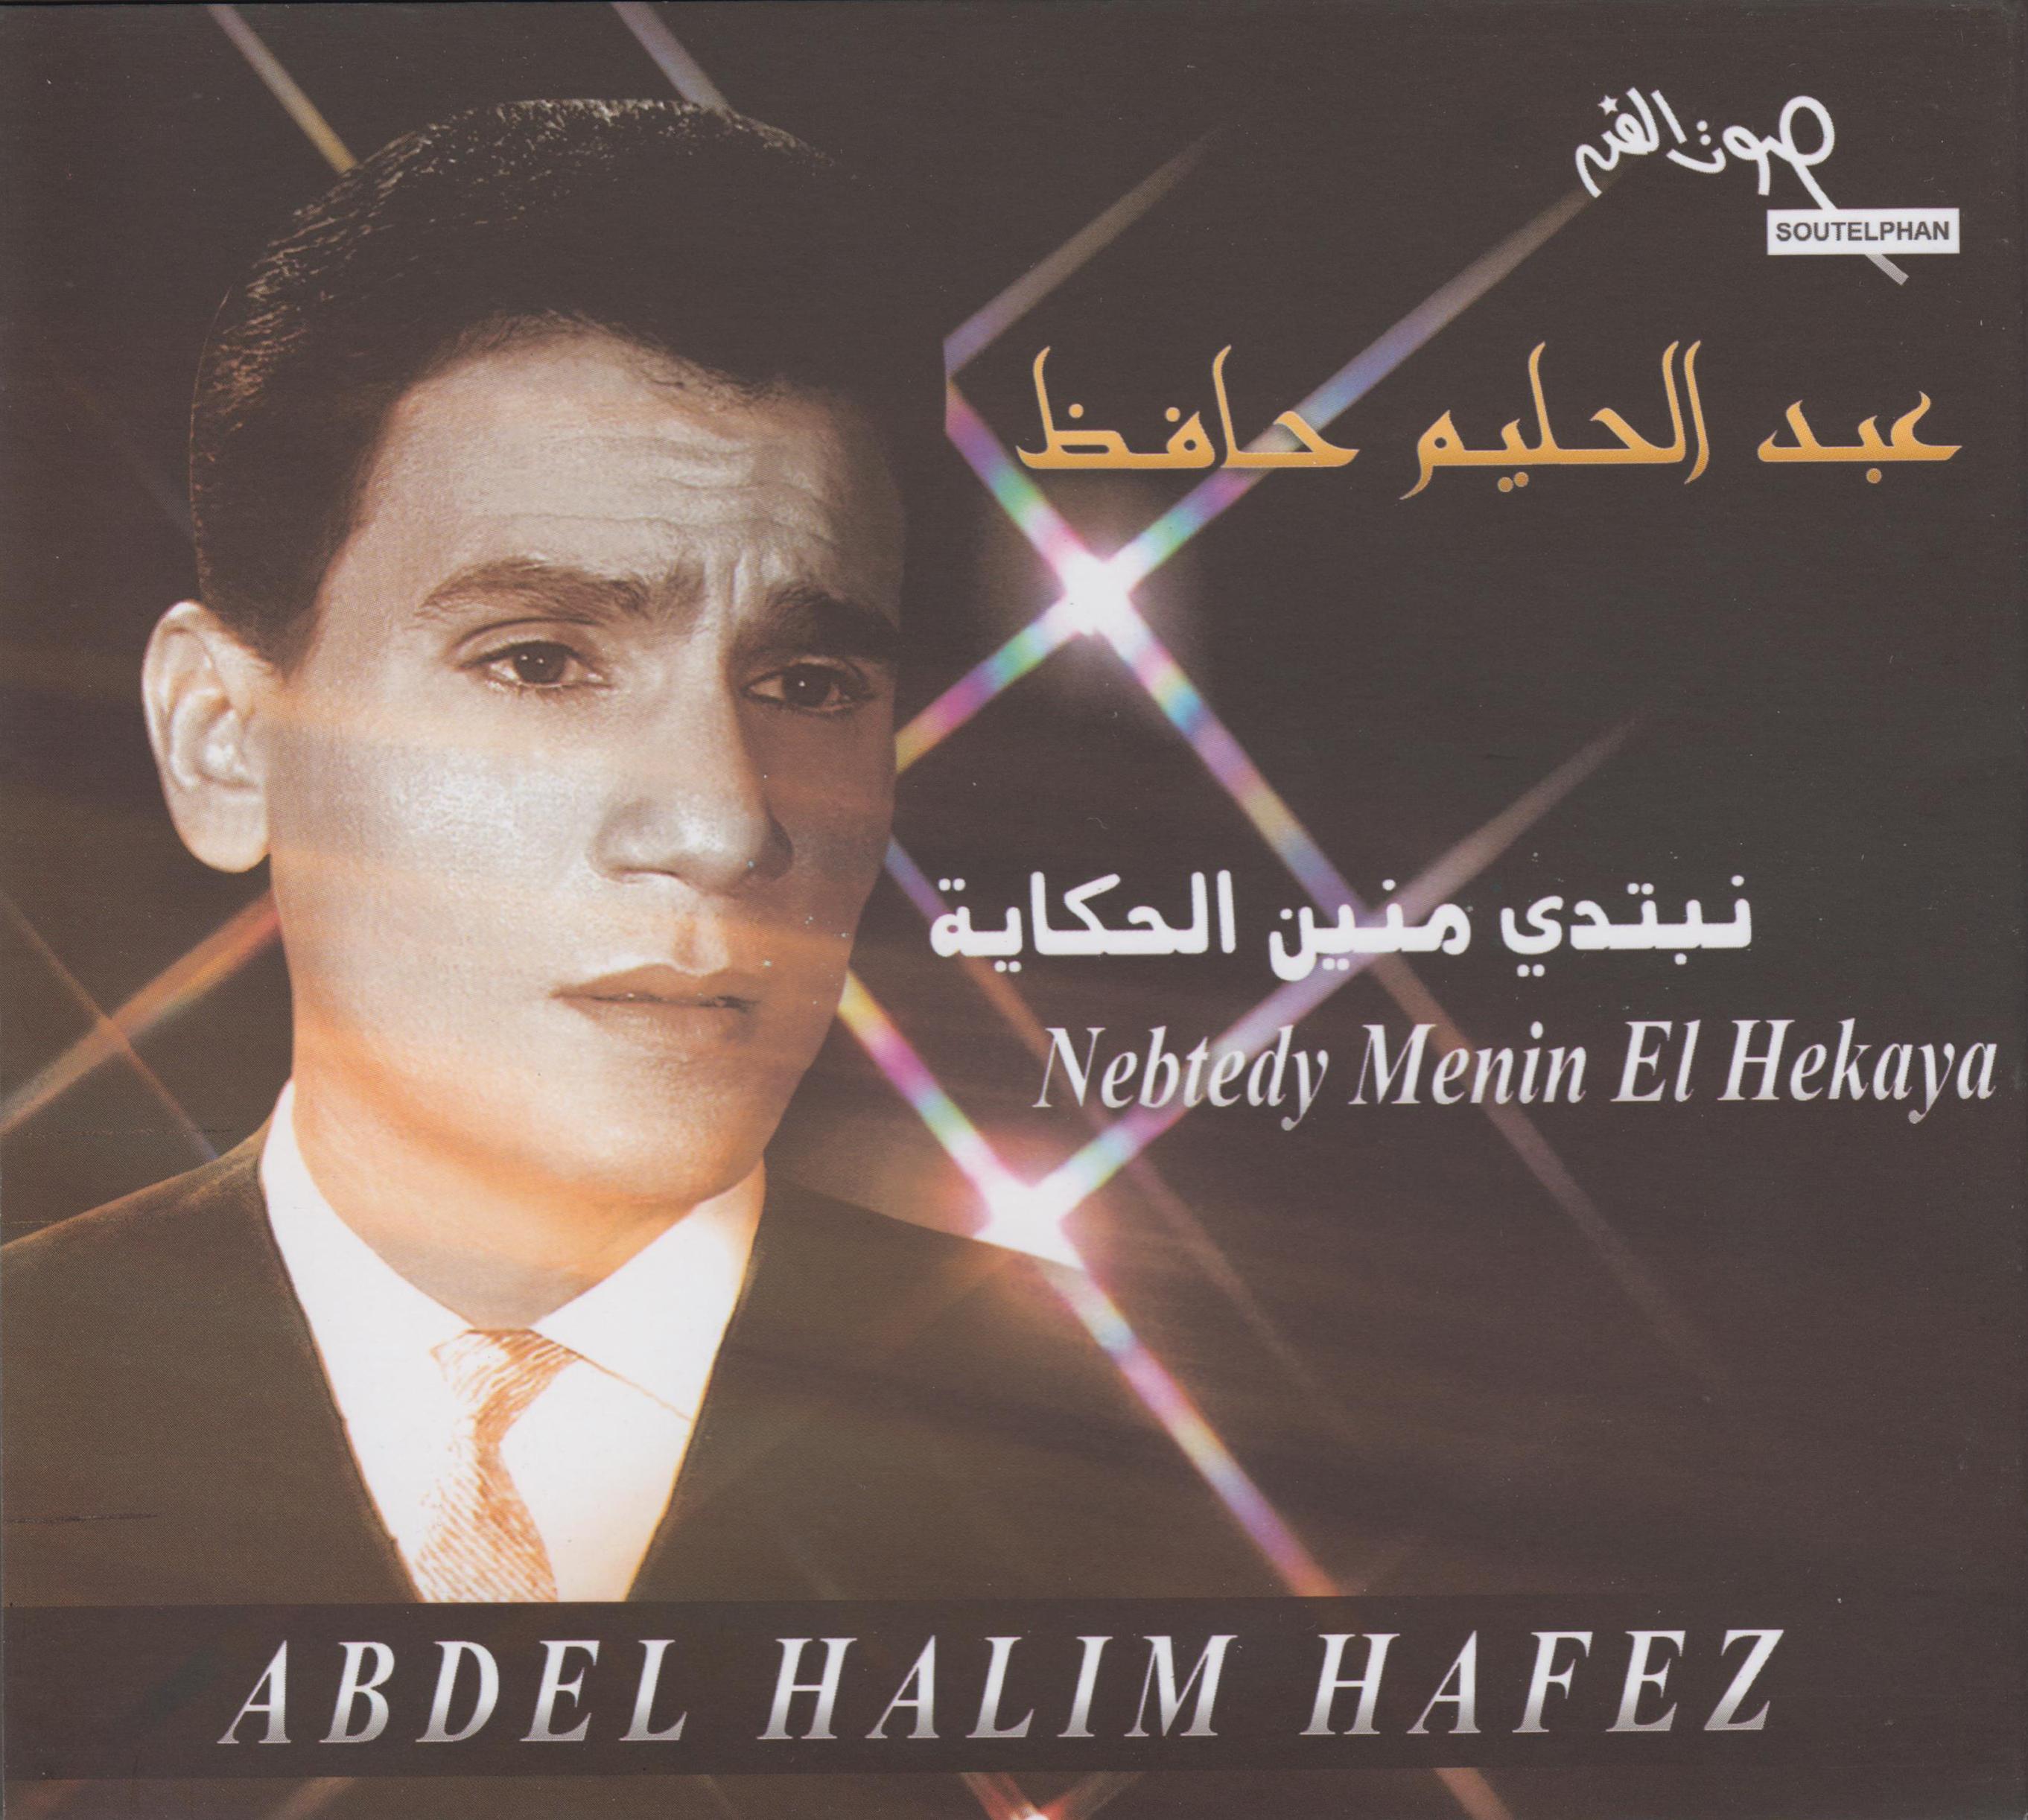 Abdel Halim Hafez Nebtedy Menin El Hekaya CD